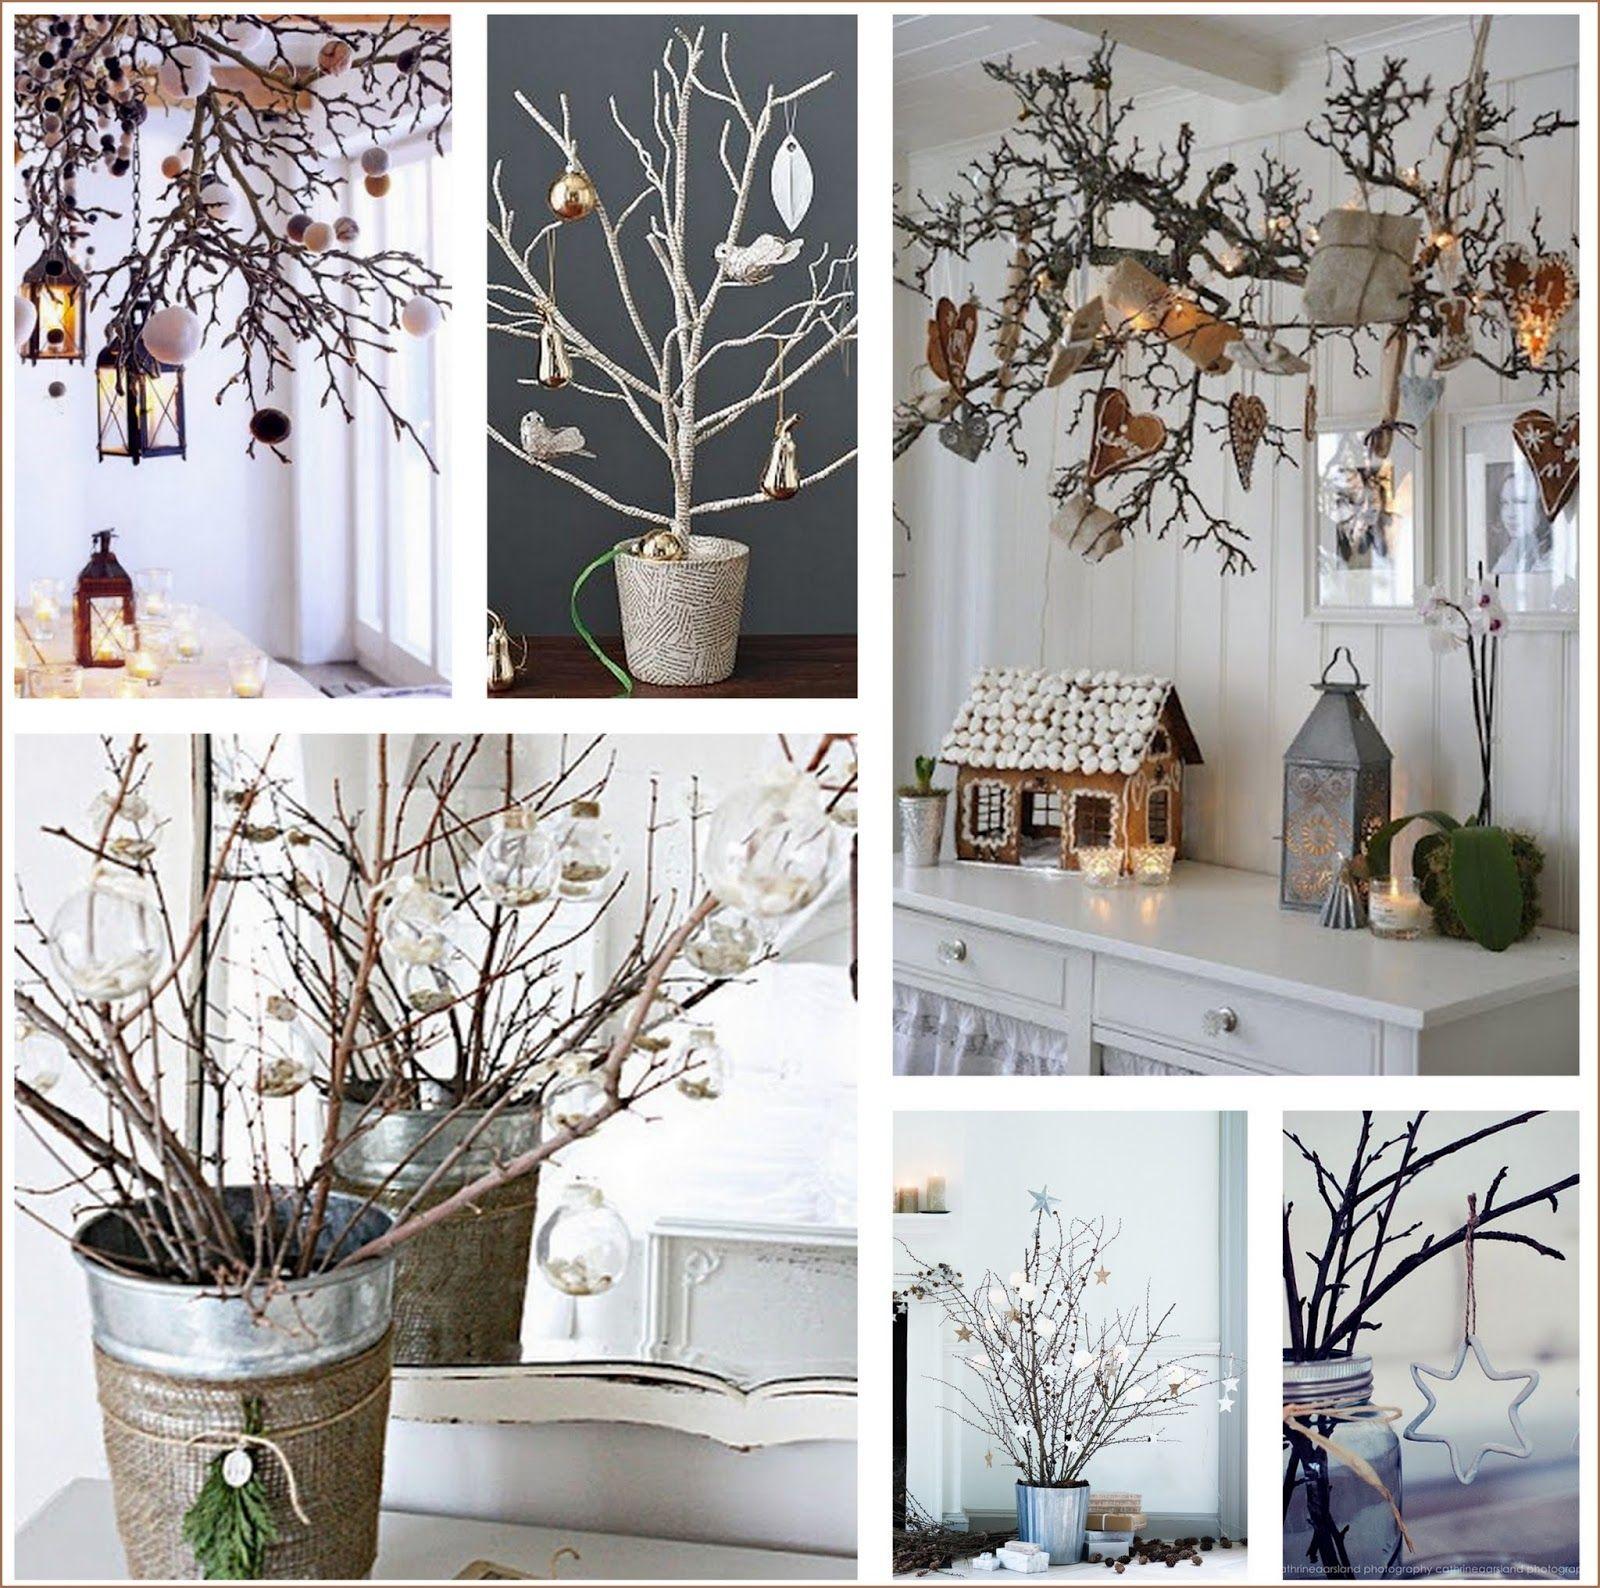 Resultado de imagen para ramas secas decoradas - Ramas decoradas ...